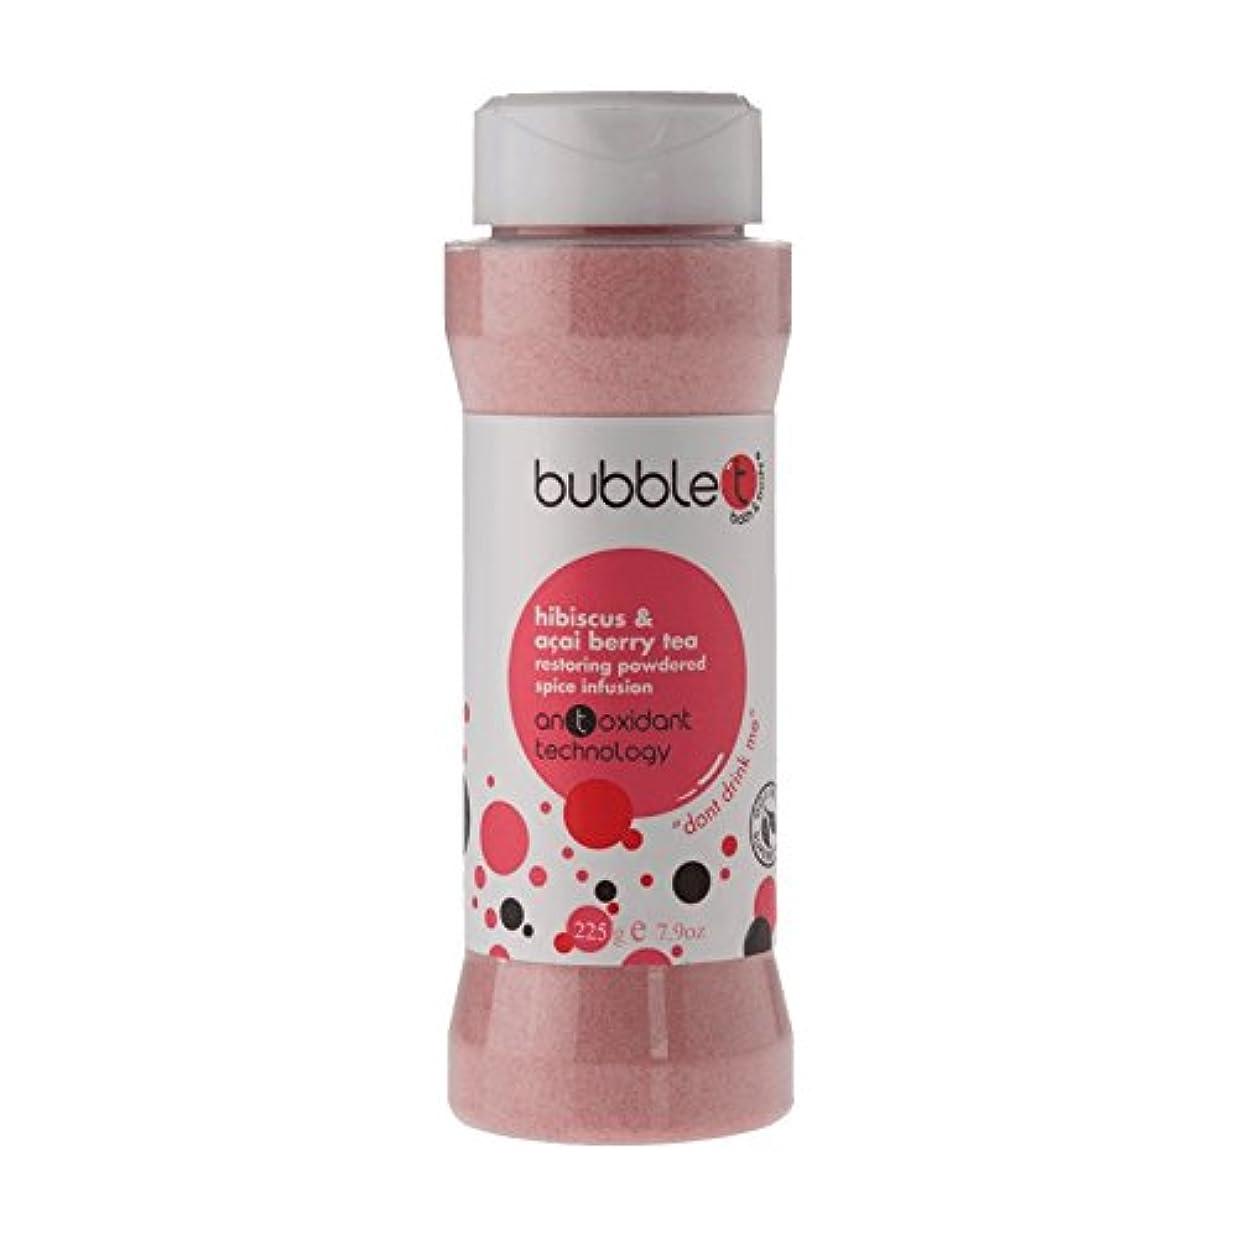 継続中大学ましいBubble T Bath Spice Infusion Hibiscus & Acai Berry Tea 225g (Pack of 6) - バブルトン風呂スパイス注入ハイビスカス&アサイベリー茶225グラム (x6...